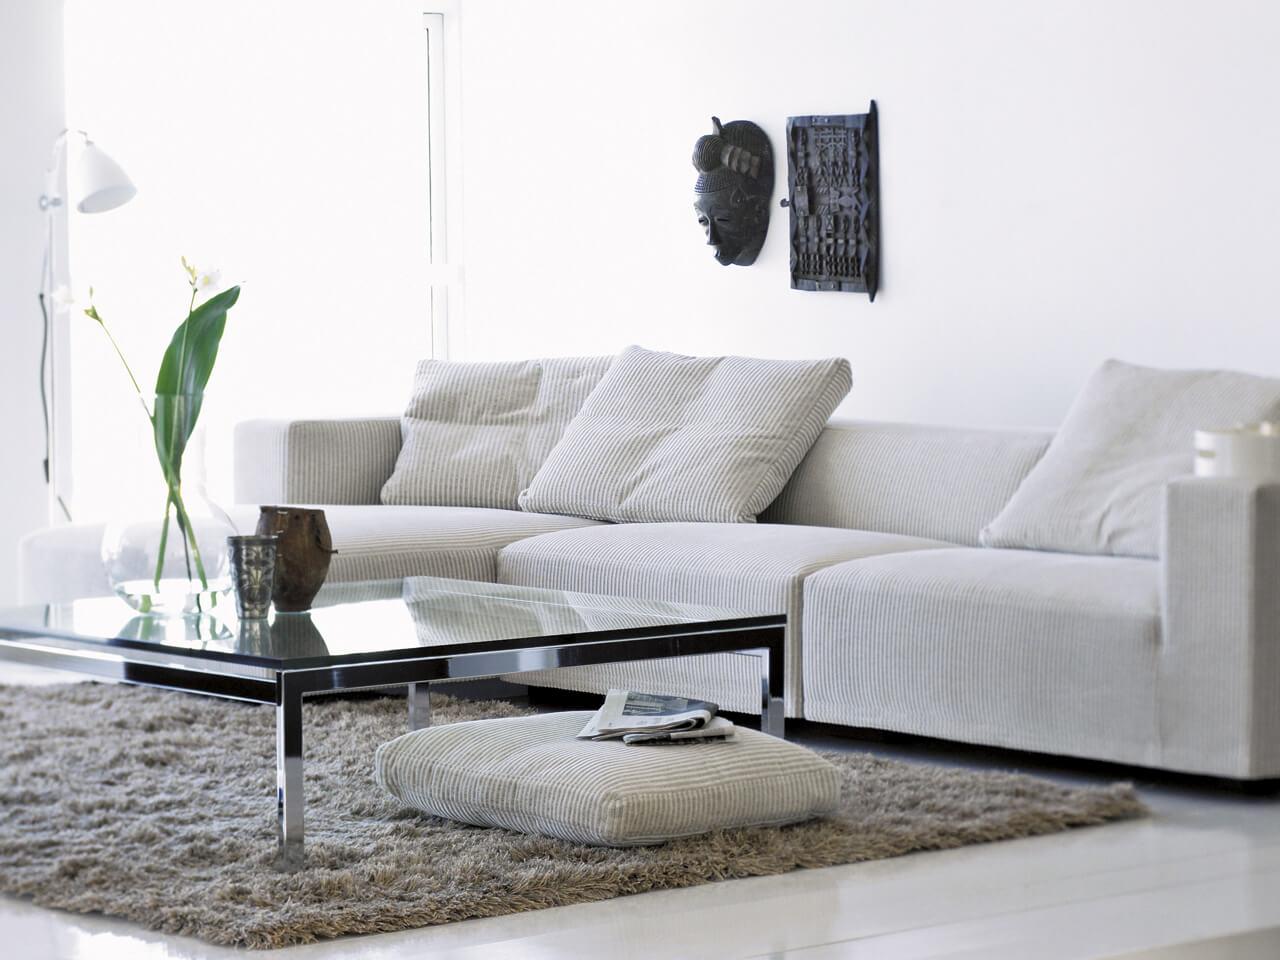 eilersen sofa Sofas eilersen sofa